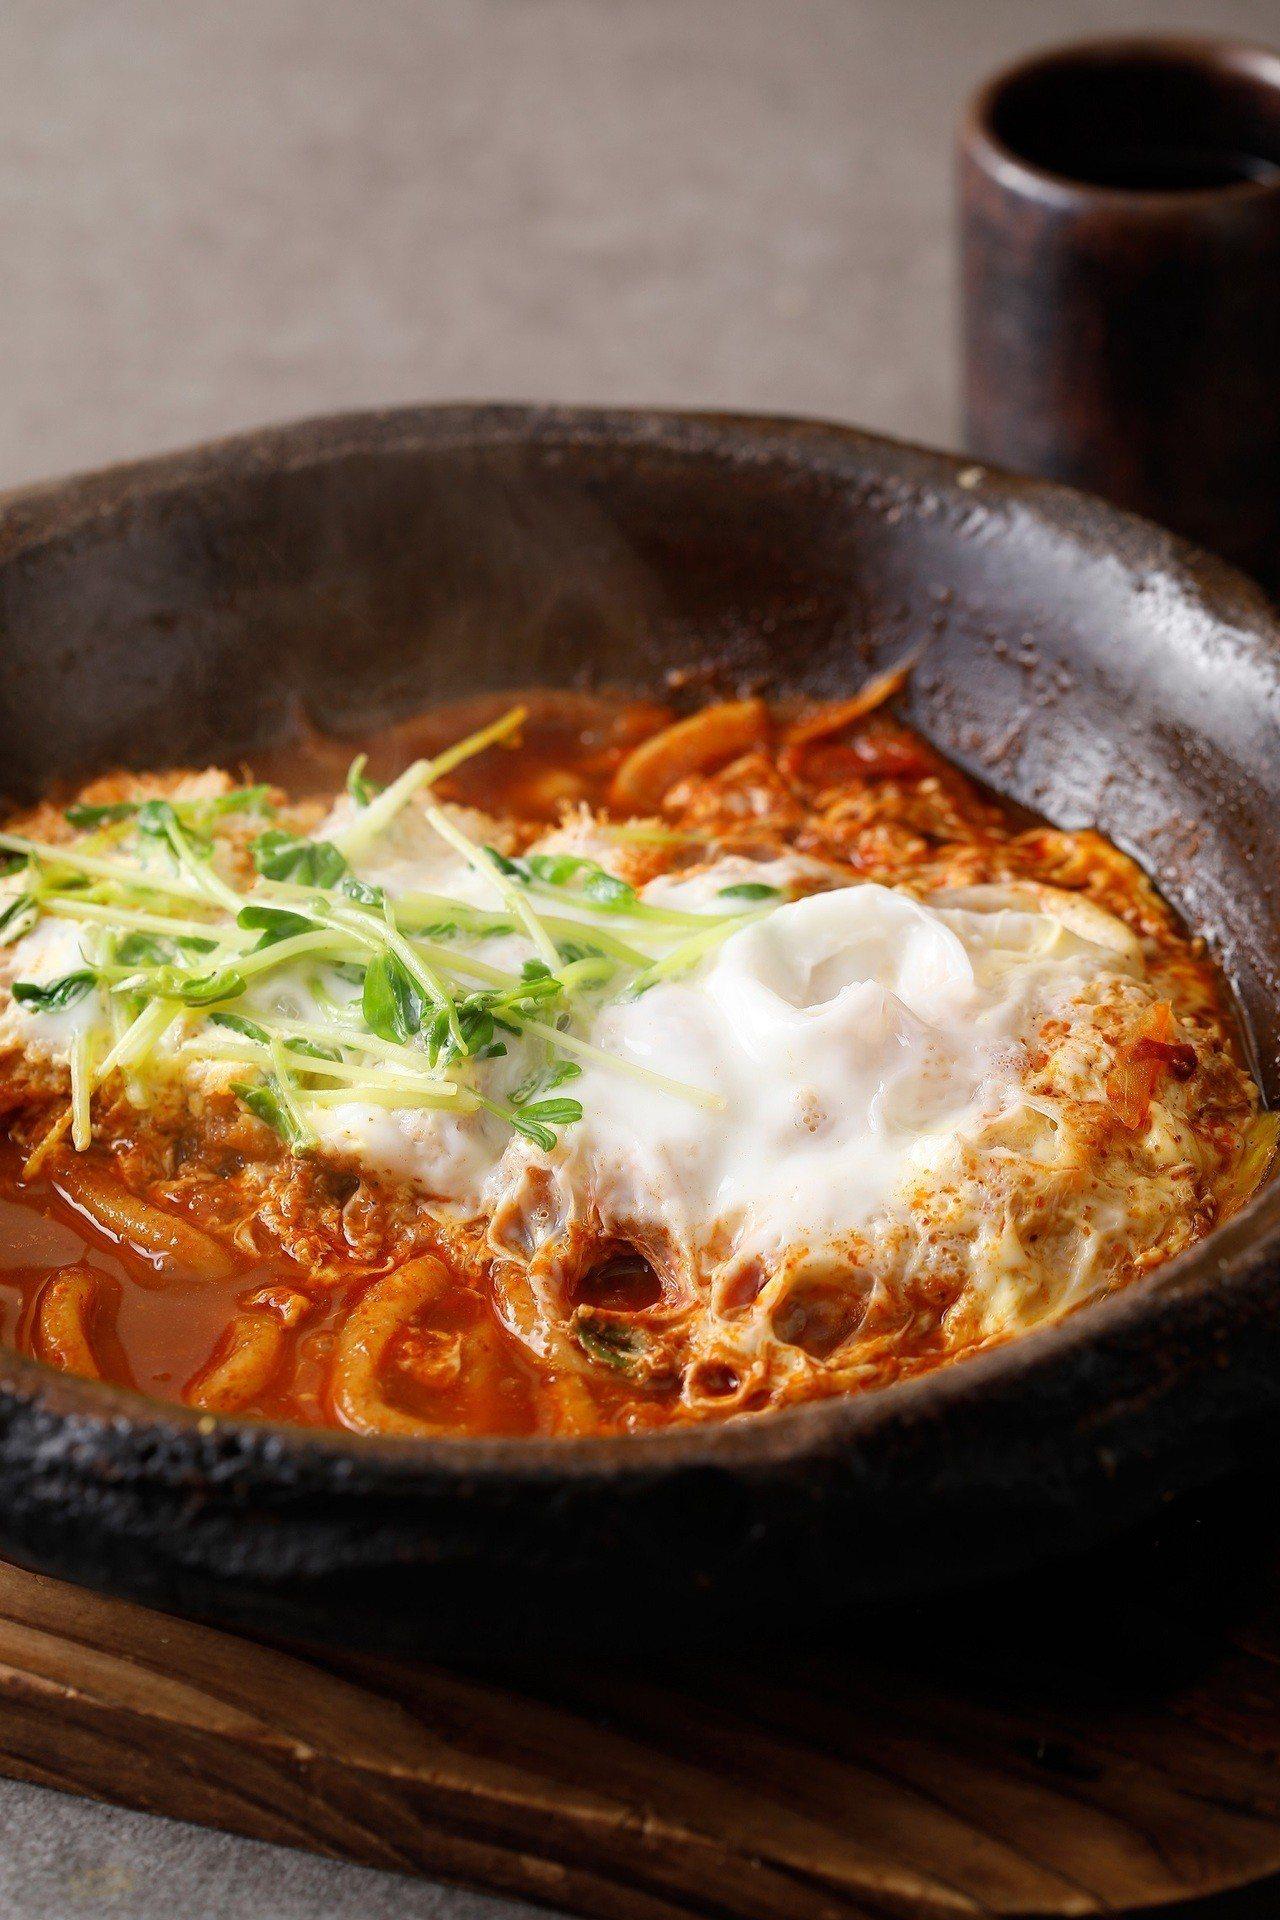 杏子豬排推出台灣獨家限定的「麻辣里肌鍋膳」。圖/杏子豬排提供